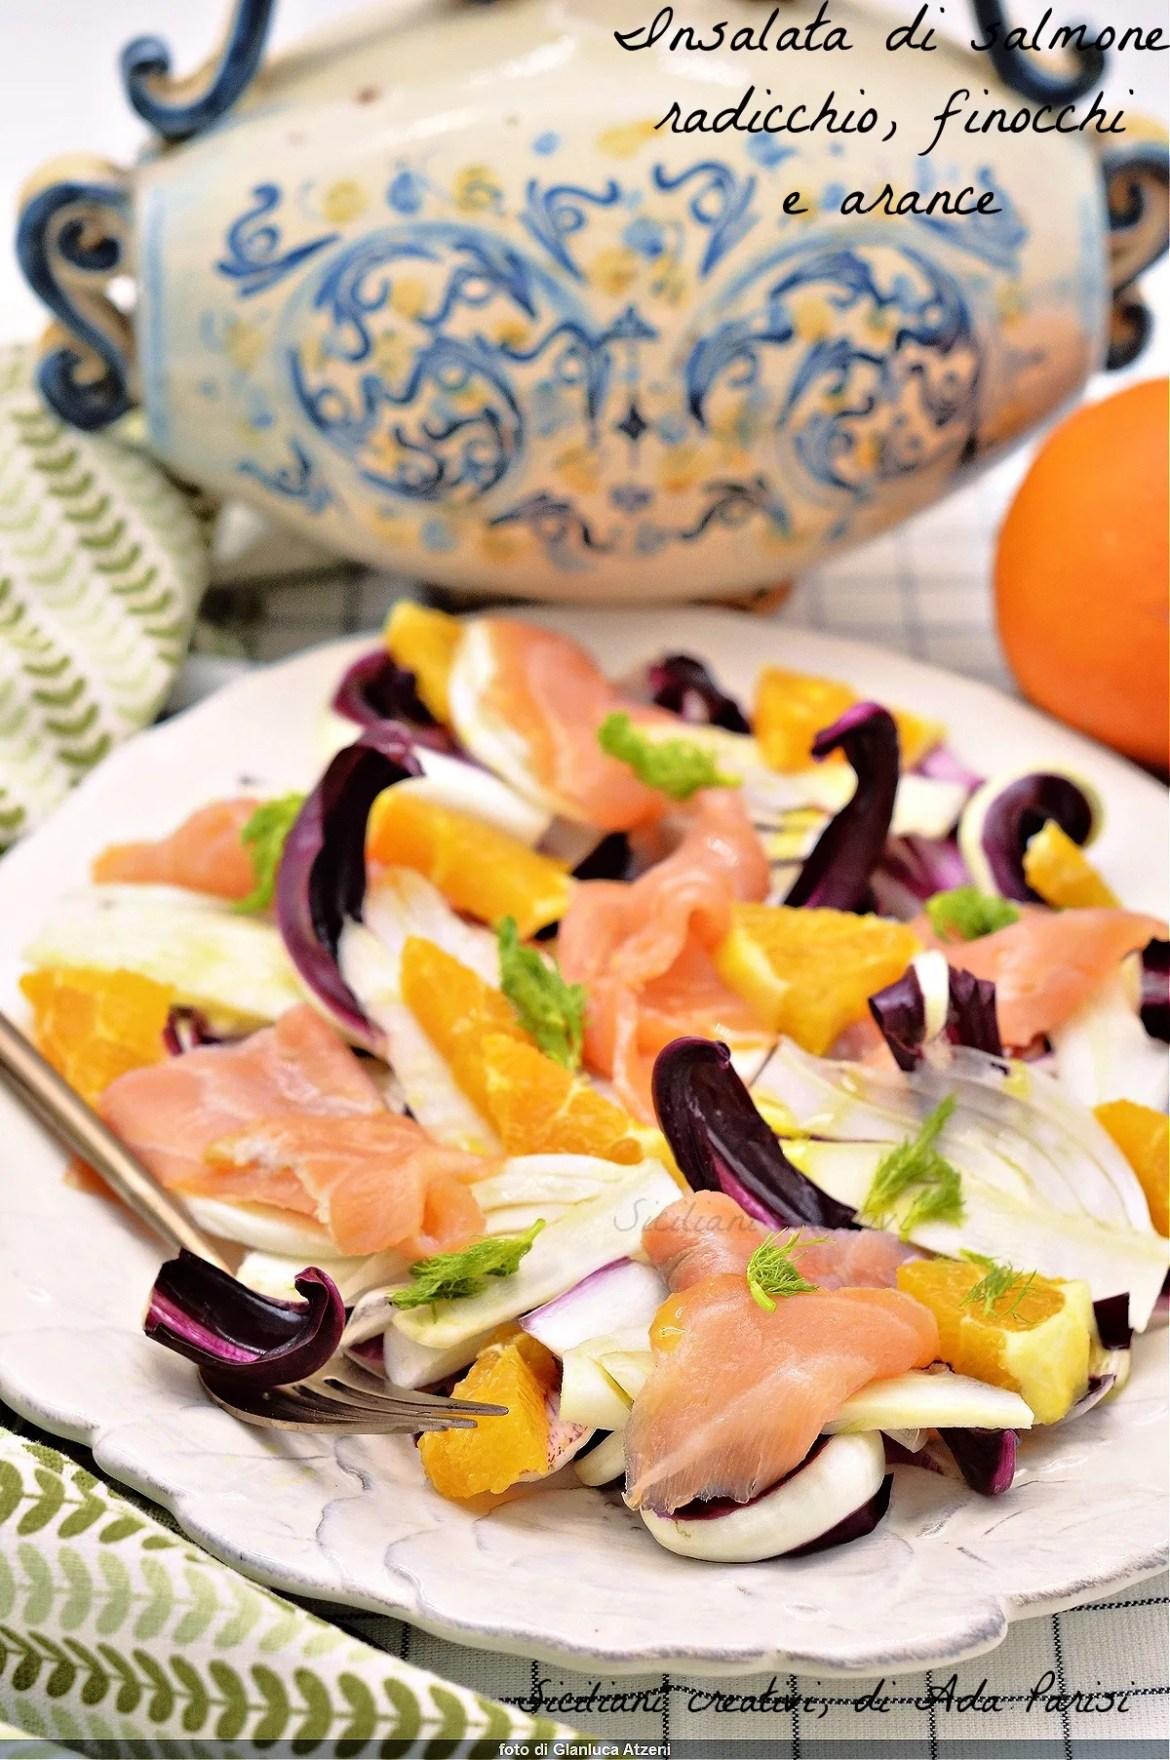 Insalata detox di salmone, finocchi, arance e radicchio